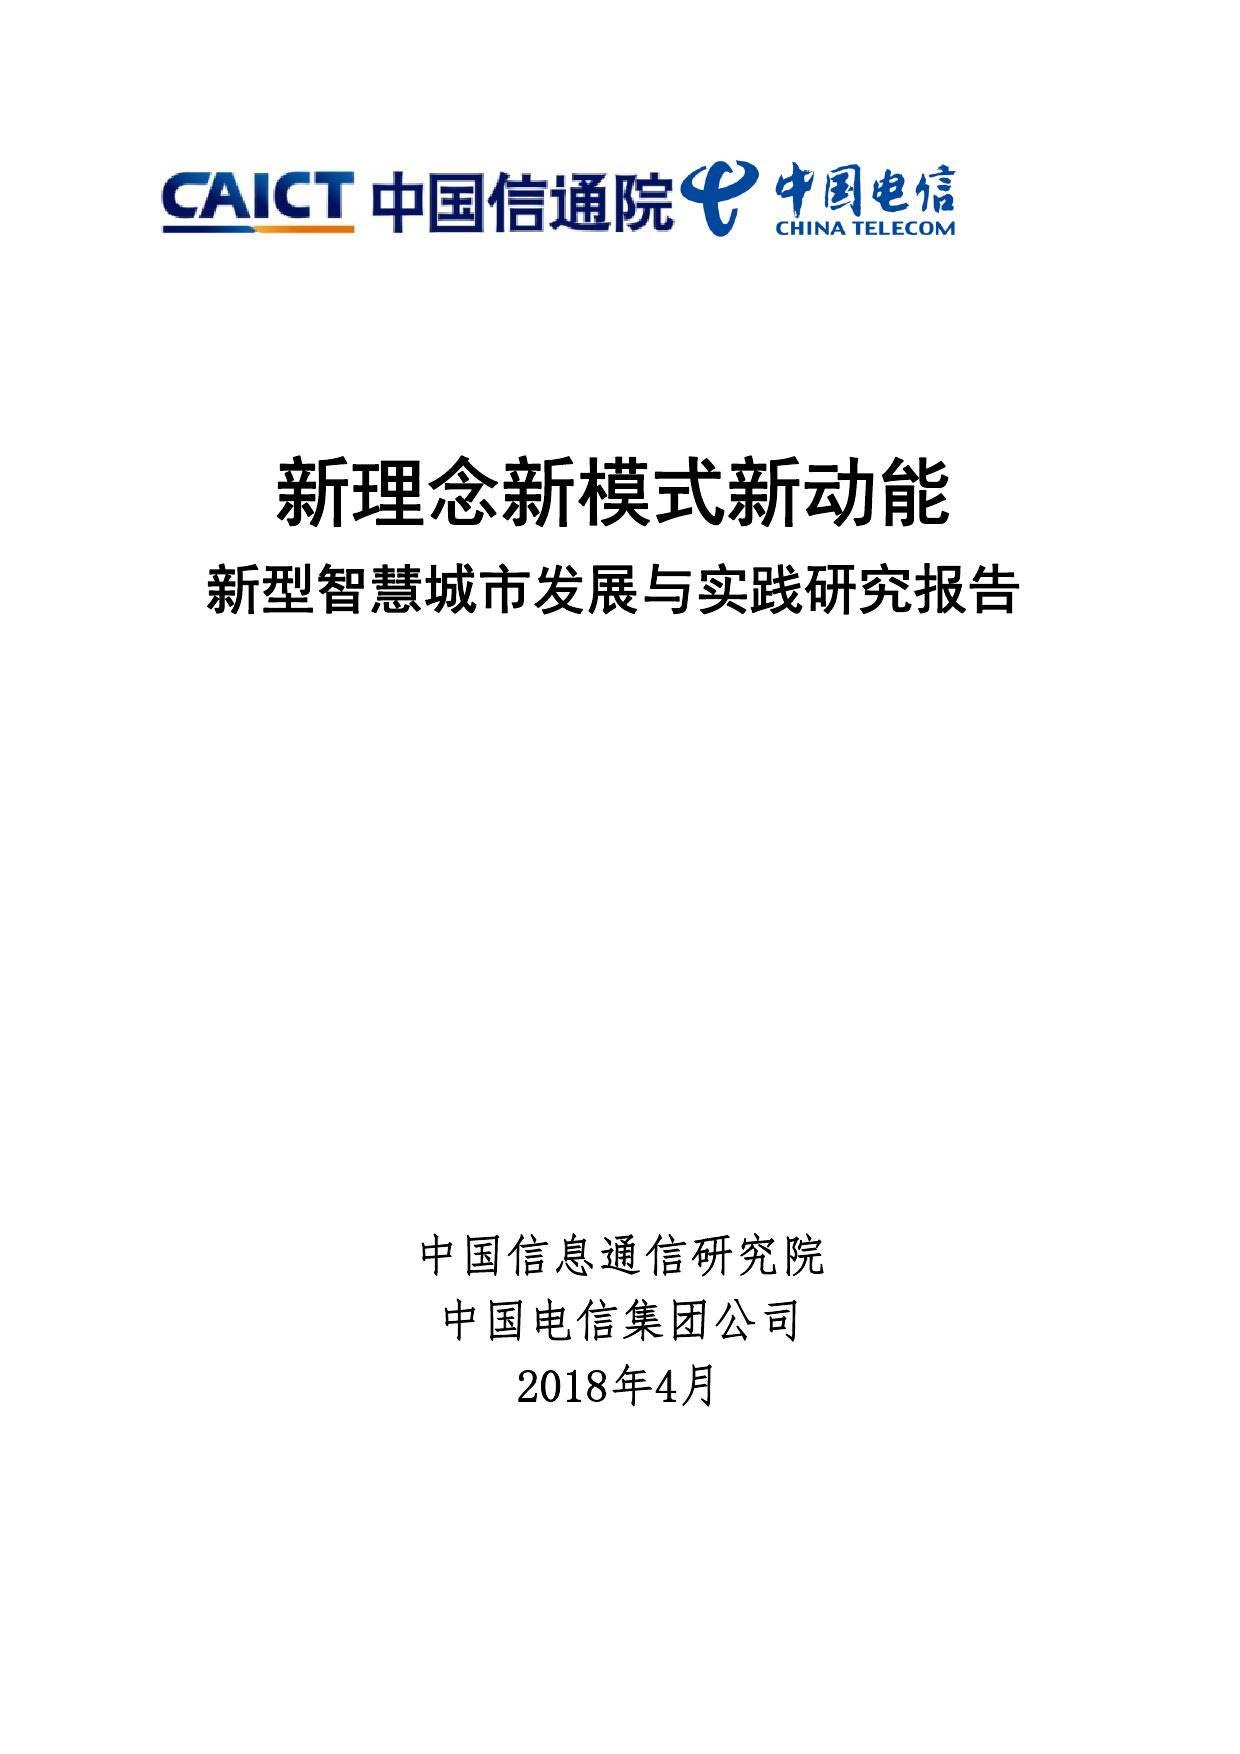 新理念新模式新动能:新型智慧城市发展与实践研究报告(附下载)